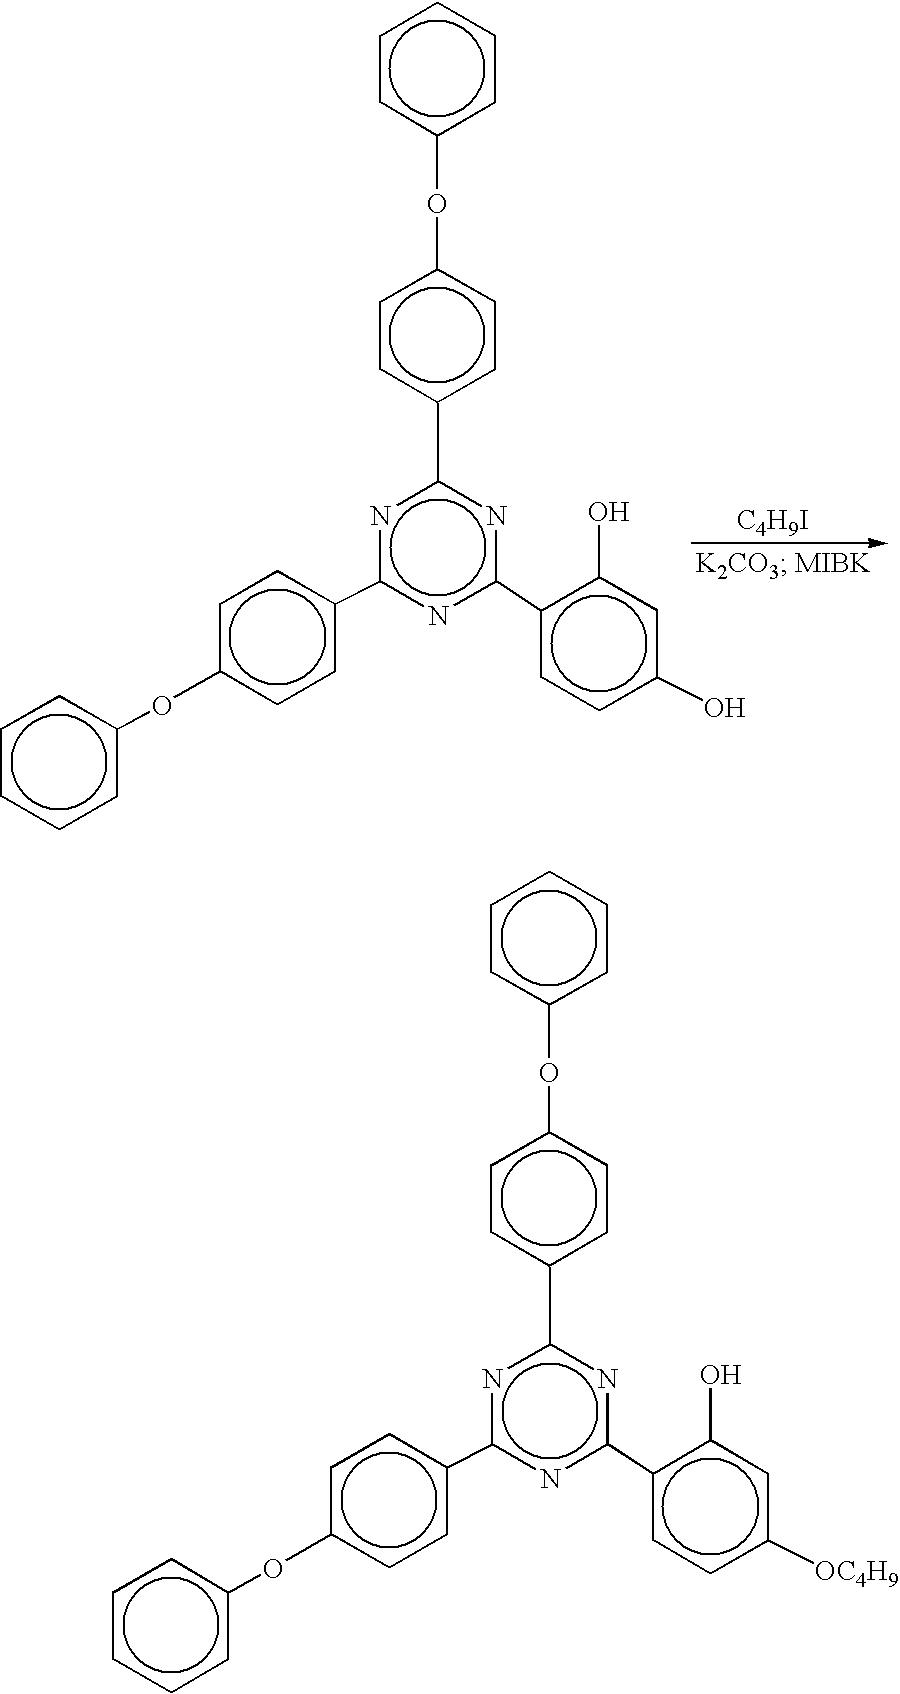 Figure US06855269-20050215-C00019